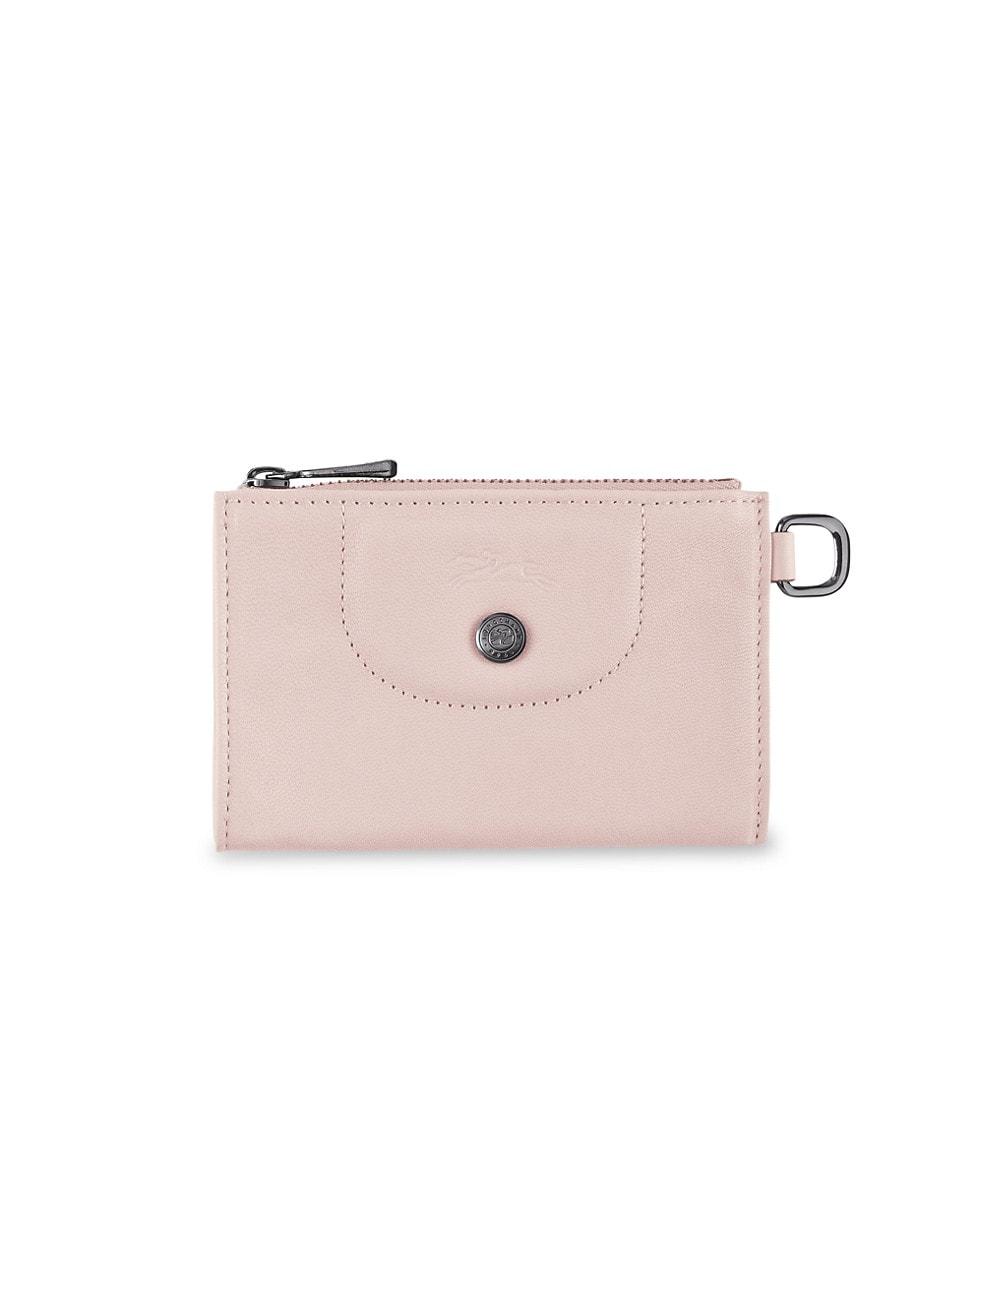 롱샴 파우치 Longchamp Le Pliage Leather Key Case,PALE PINK